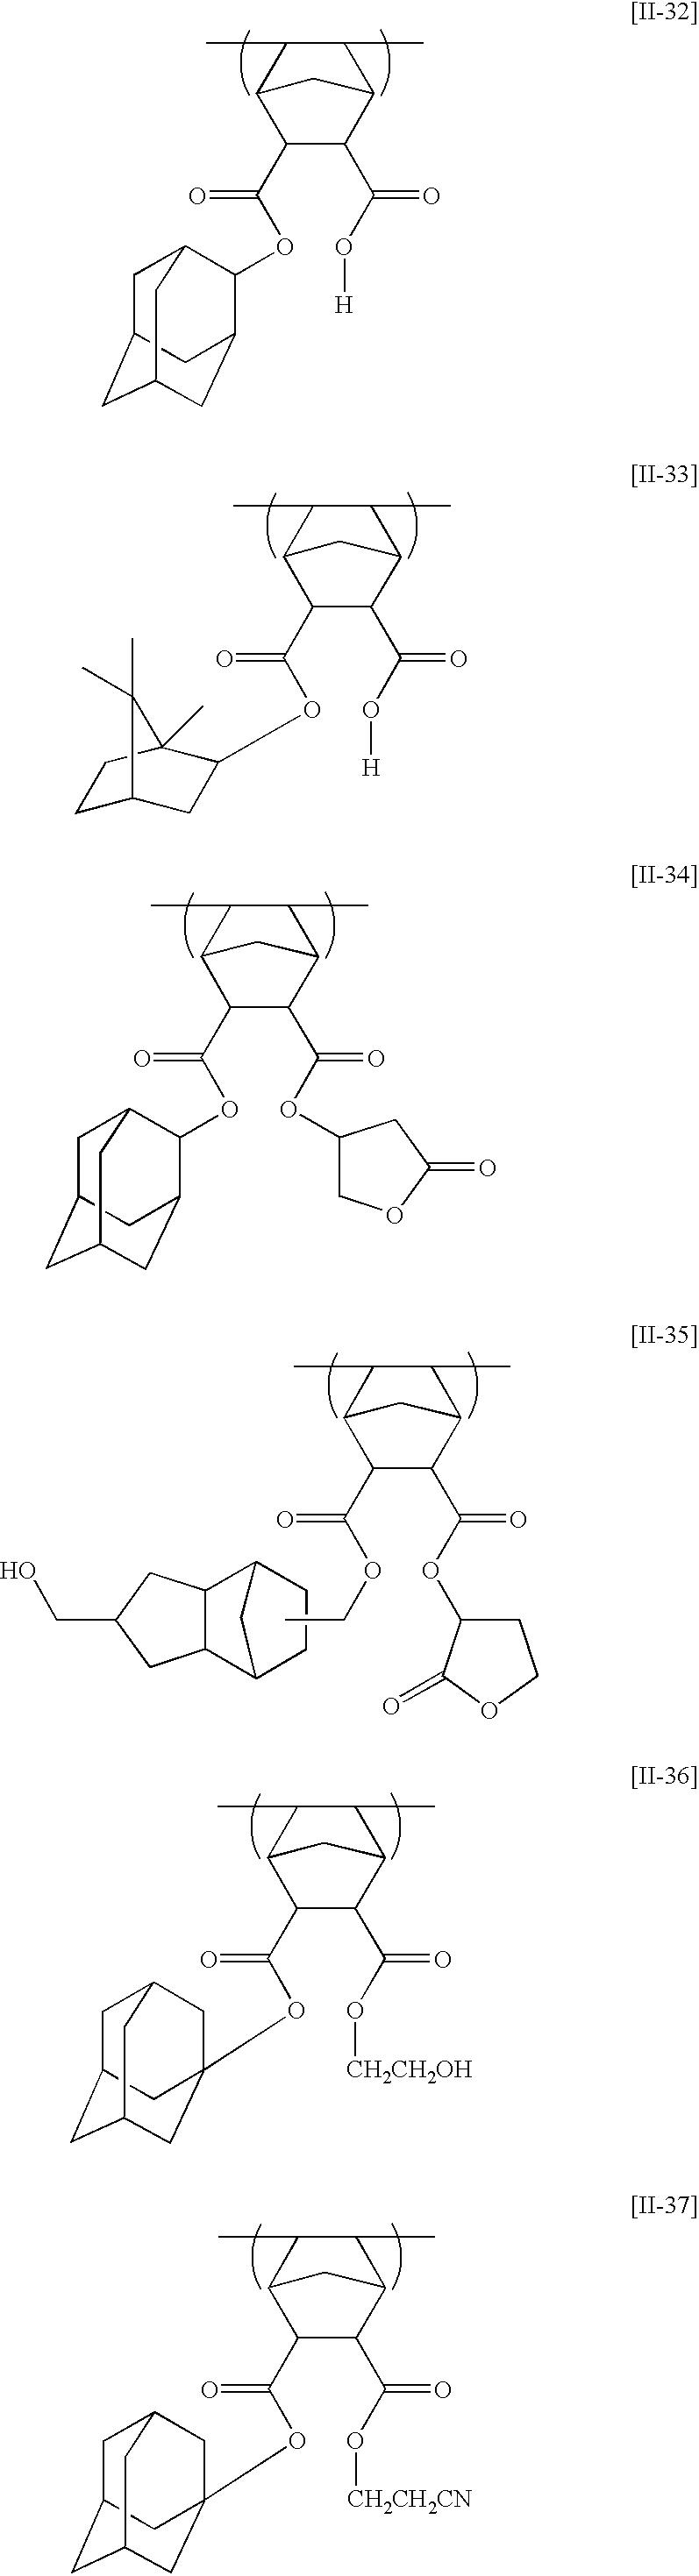 Figure US20030186161A1-20031002-C00063